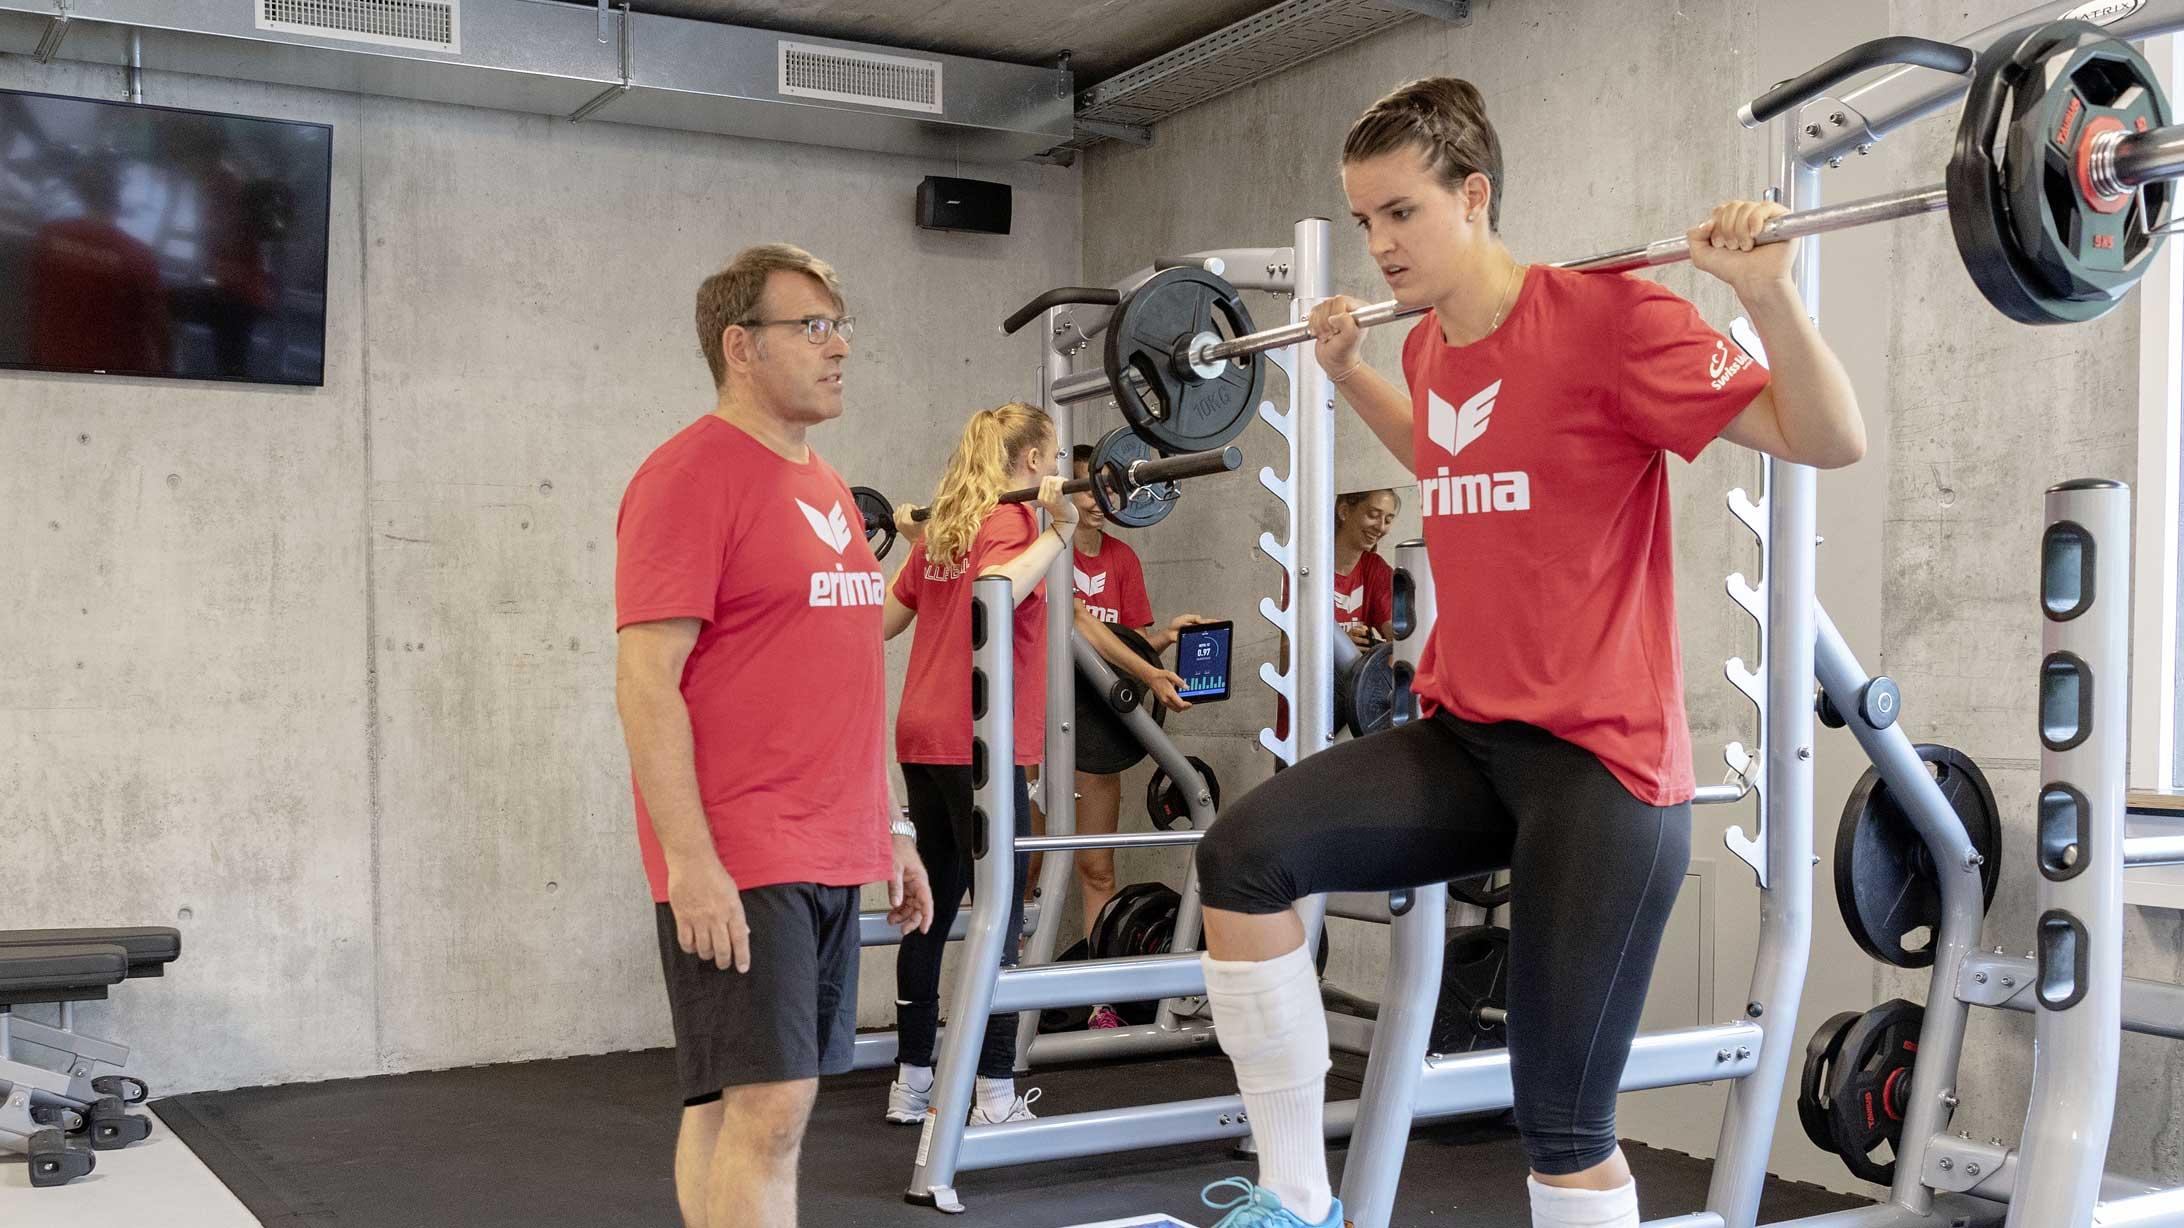 Sporttherapeut Jürgen Schreier überwacht das Hanteltraining einer Frau der Schweizer Volleyball-Nationalmannschaft.